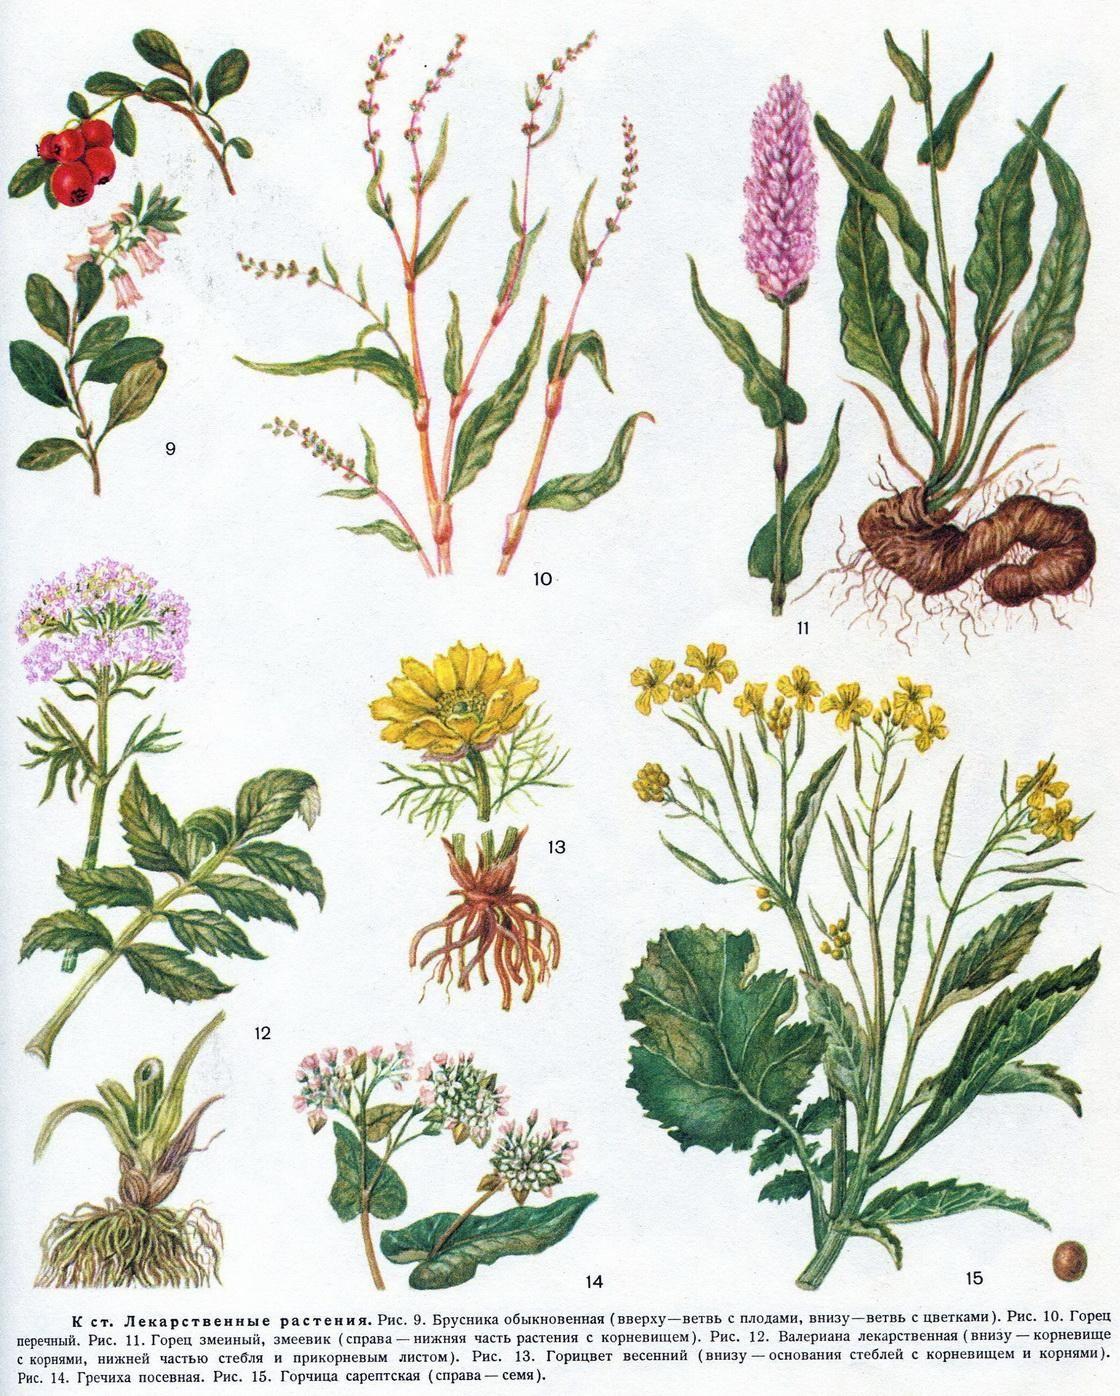 факты говорят мир лекарственных растений картинки написал учебные